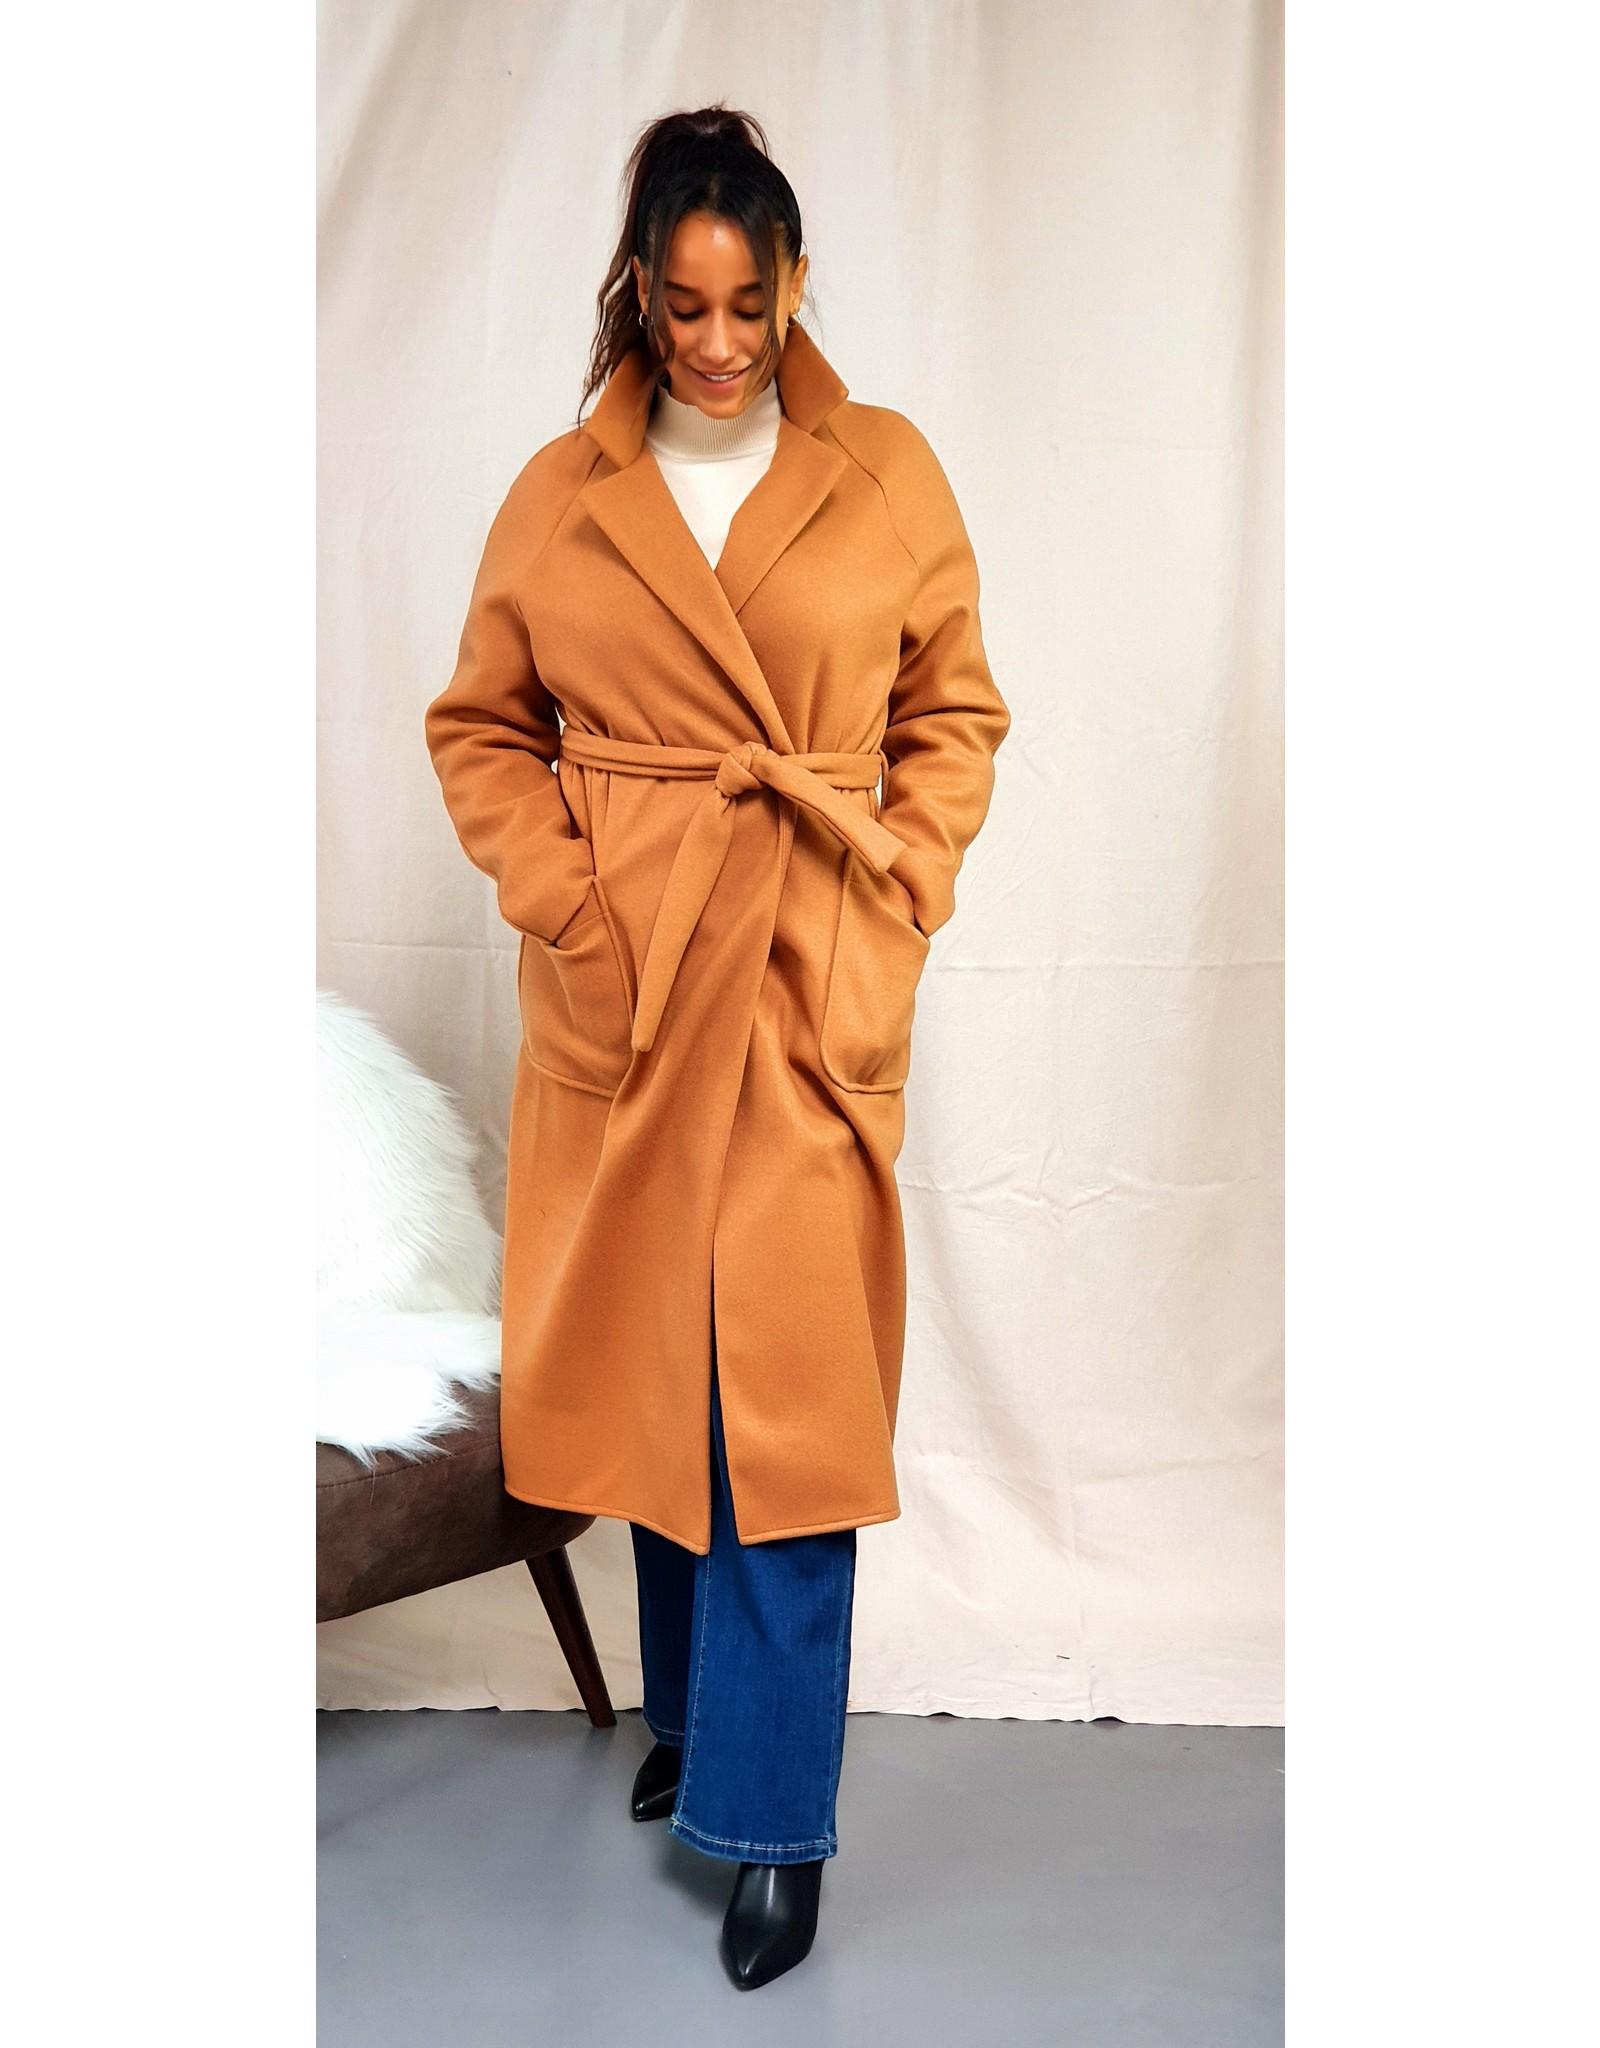 Thé classic cognac coat